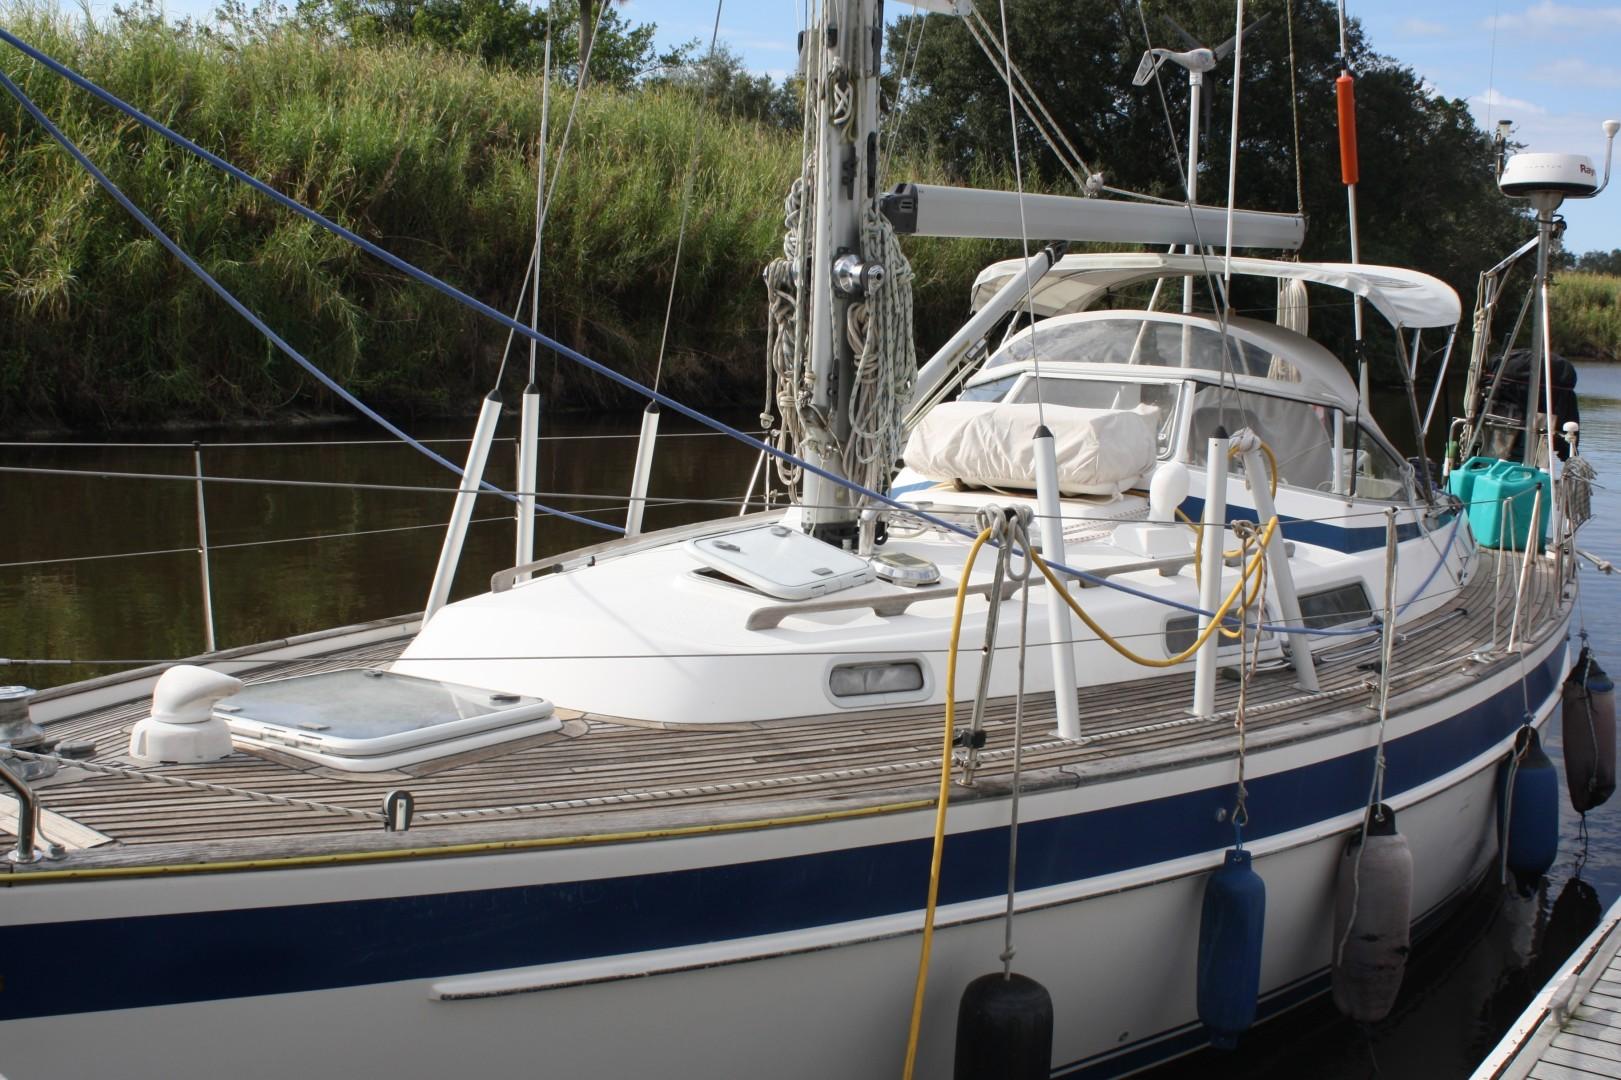 Hallberg-Rassy-36 MKII 2002-Vivace 1 Stuart-Florida-United States-1312770   Thumbnail